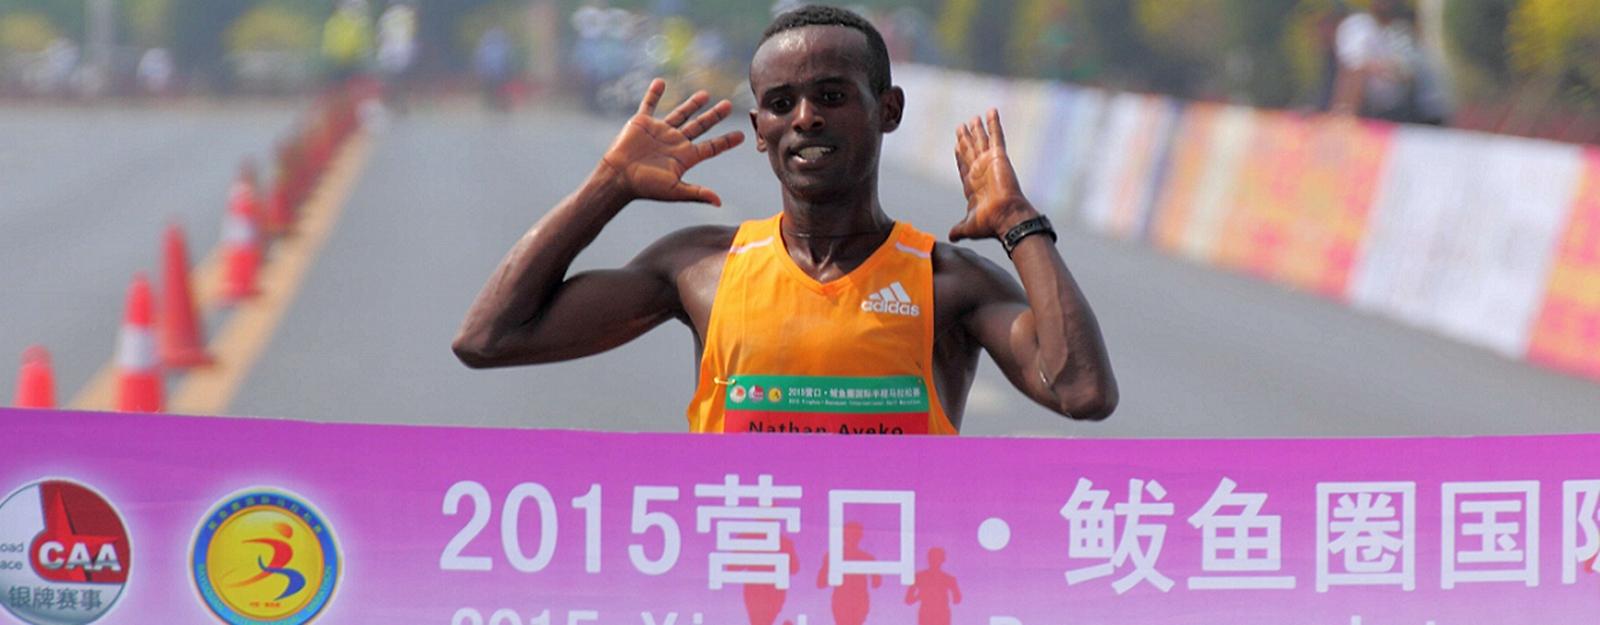 精彩鲅马|2015营口·鲅鱼圈国际半程马拉松赛